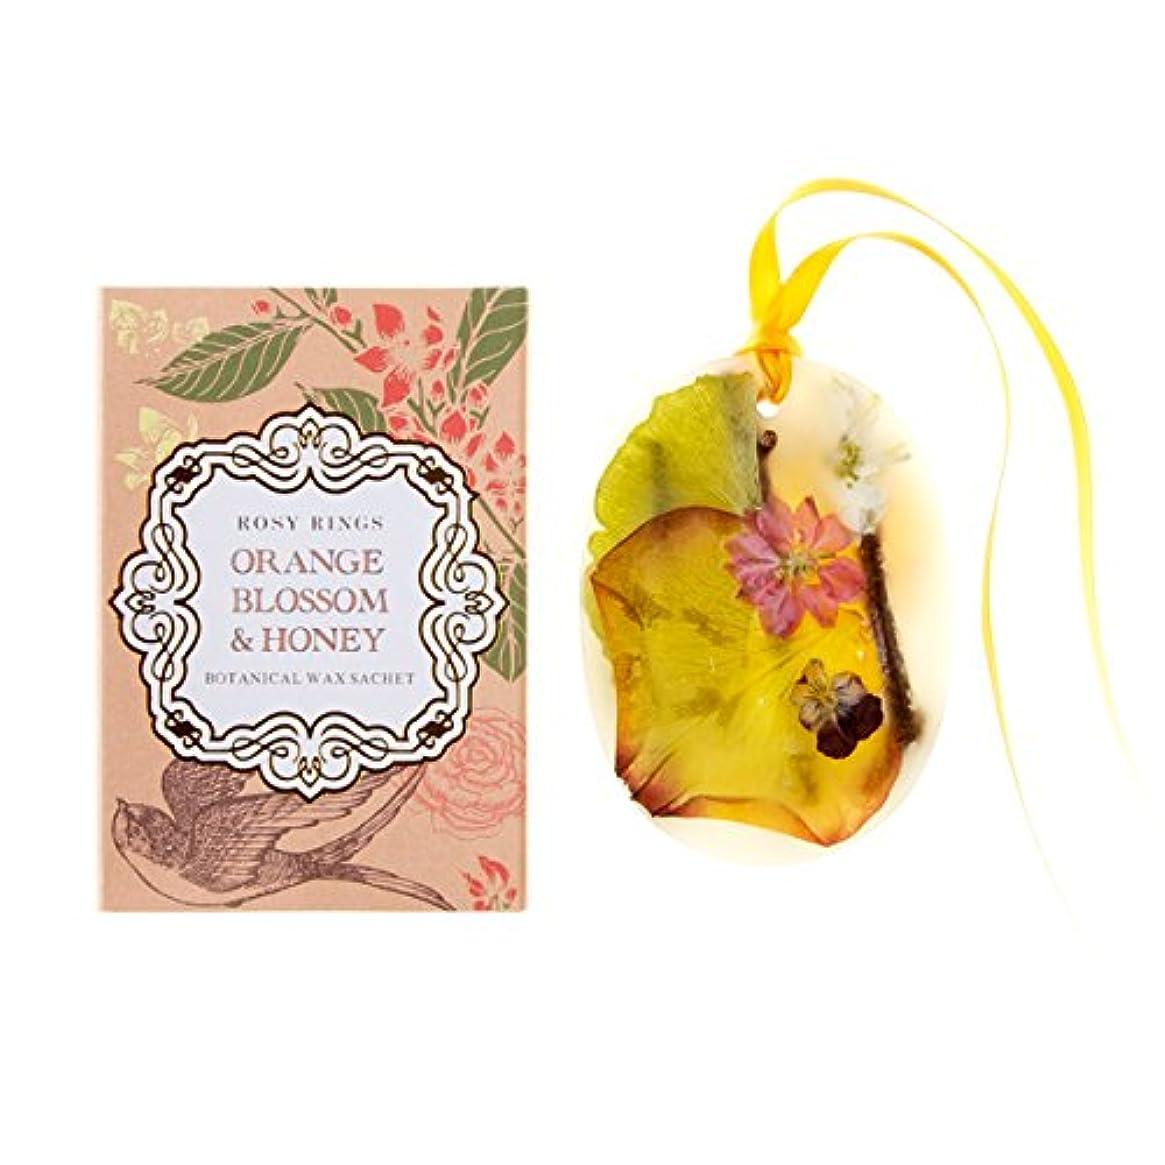 減衰敬意を表してビジターロージーリングス プティボタニカルサシェ オレンジブロッサム&ハニー ROSY RINGS Petite Oval Botanical Wax Sachet Orange Blossom & Honey